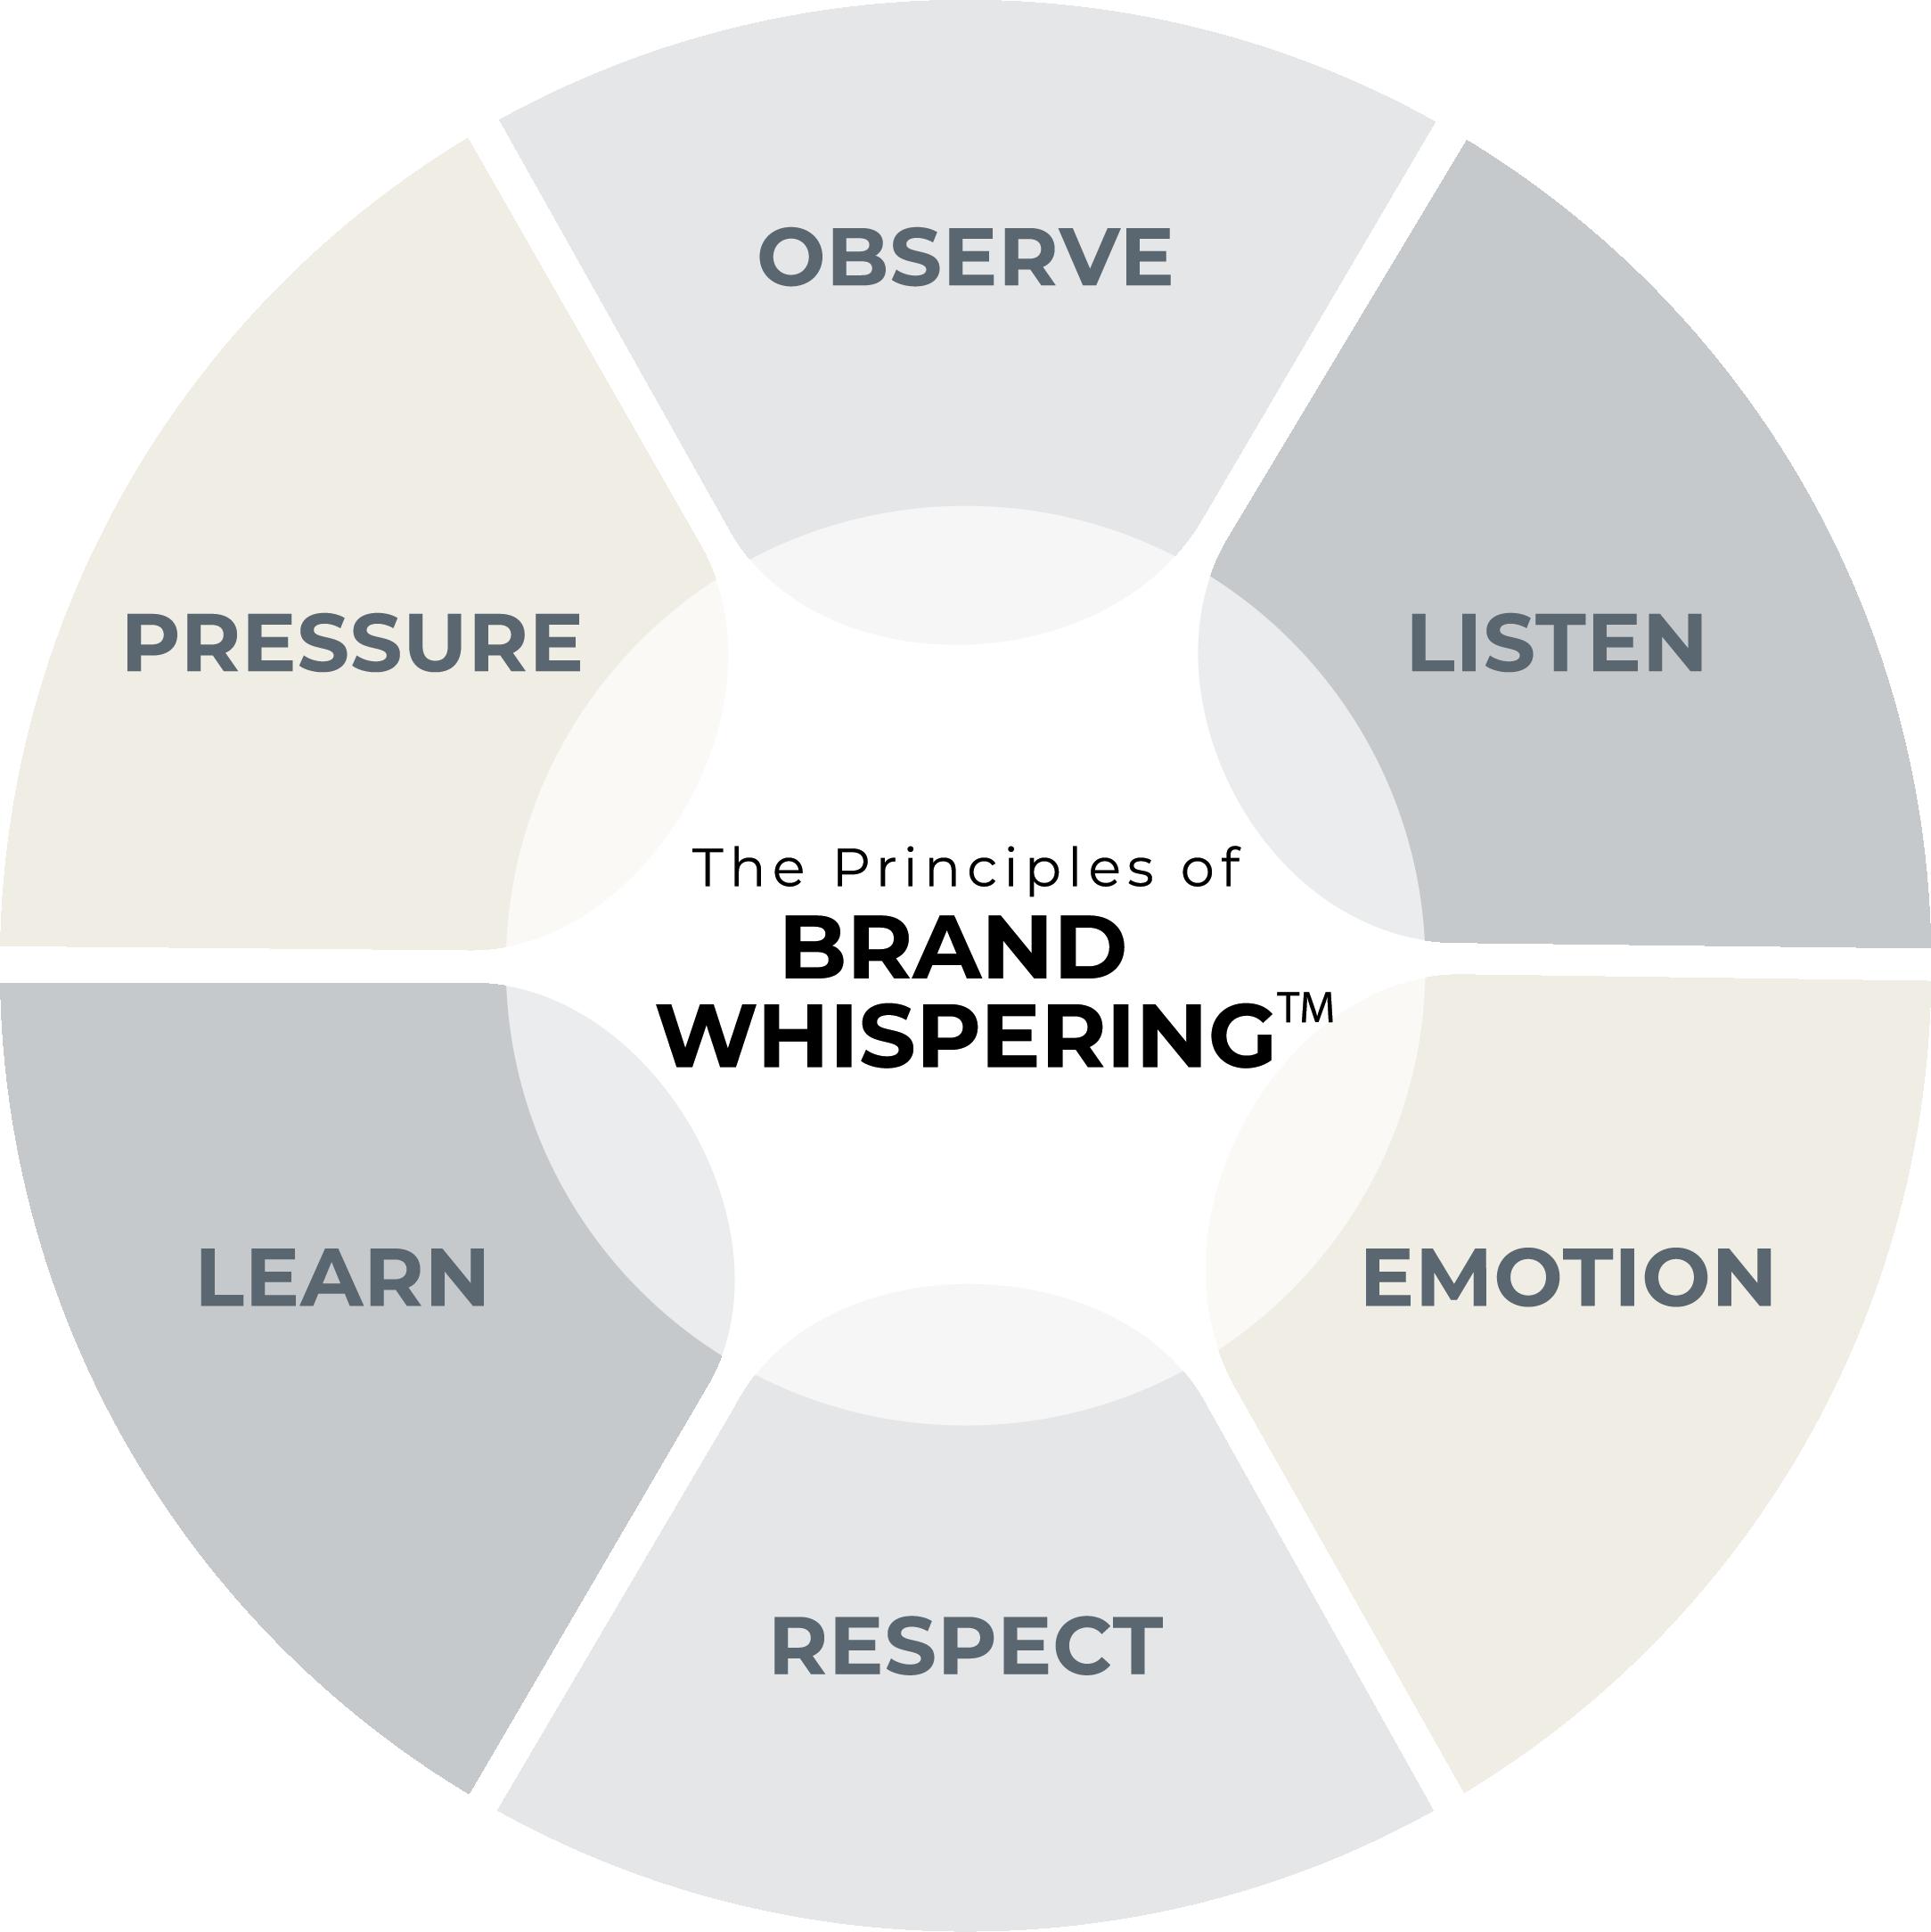 Brand Whispering